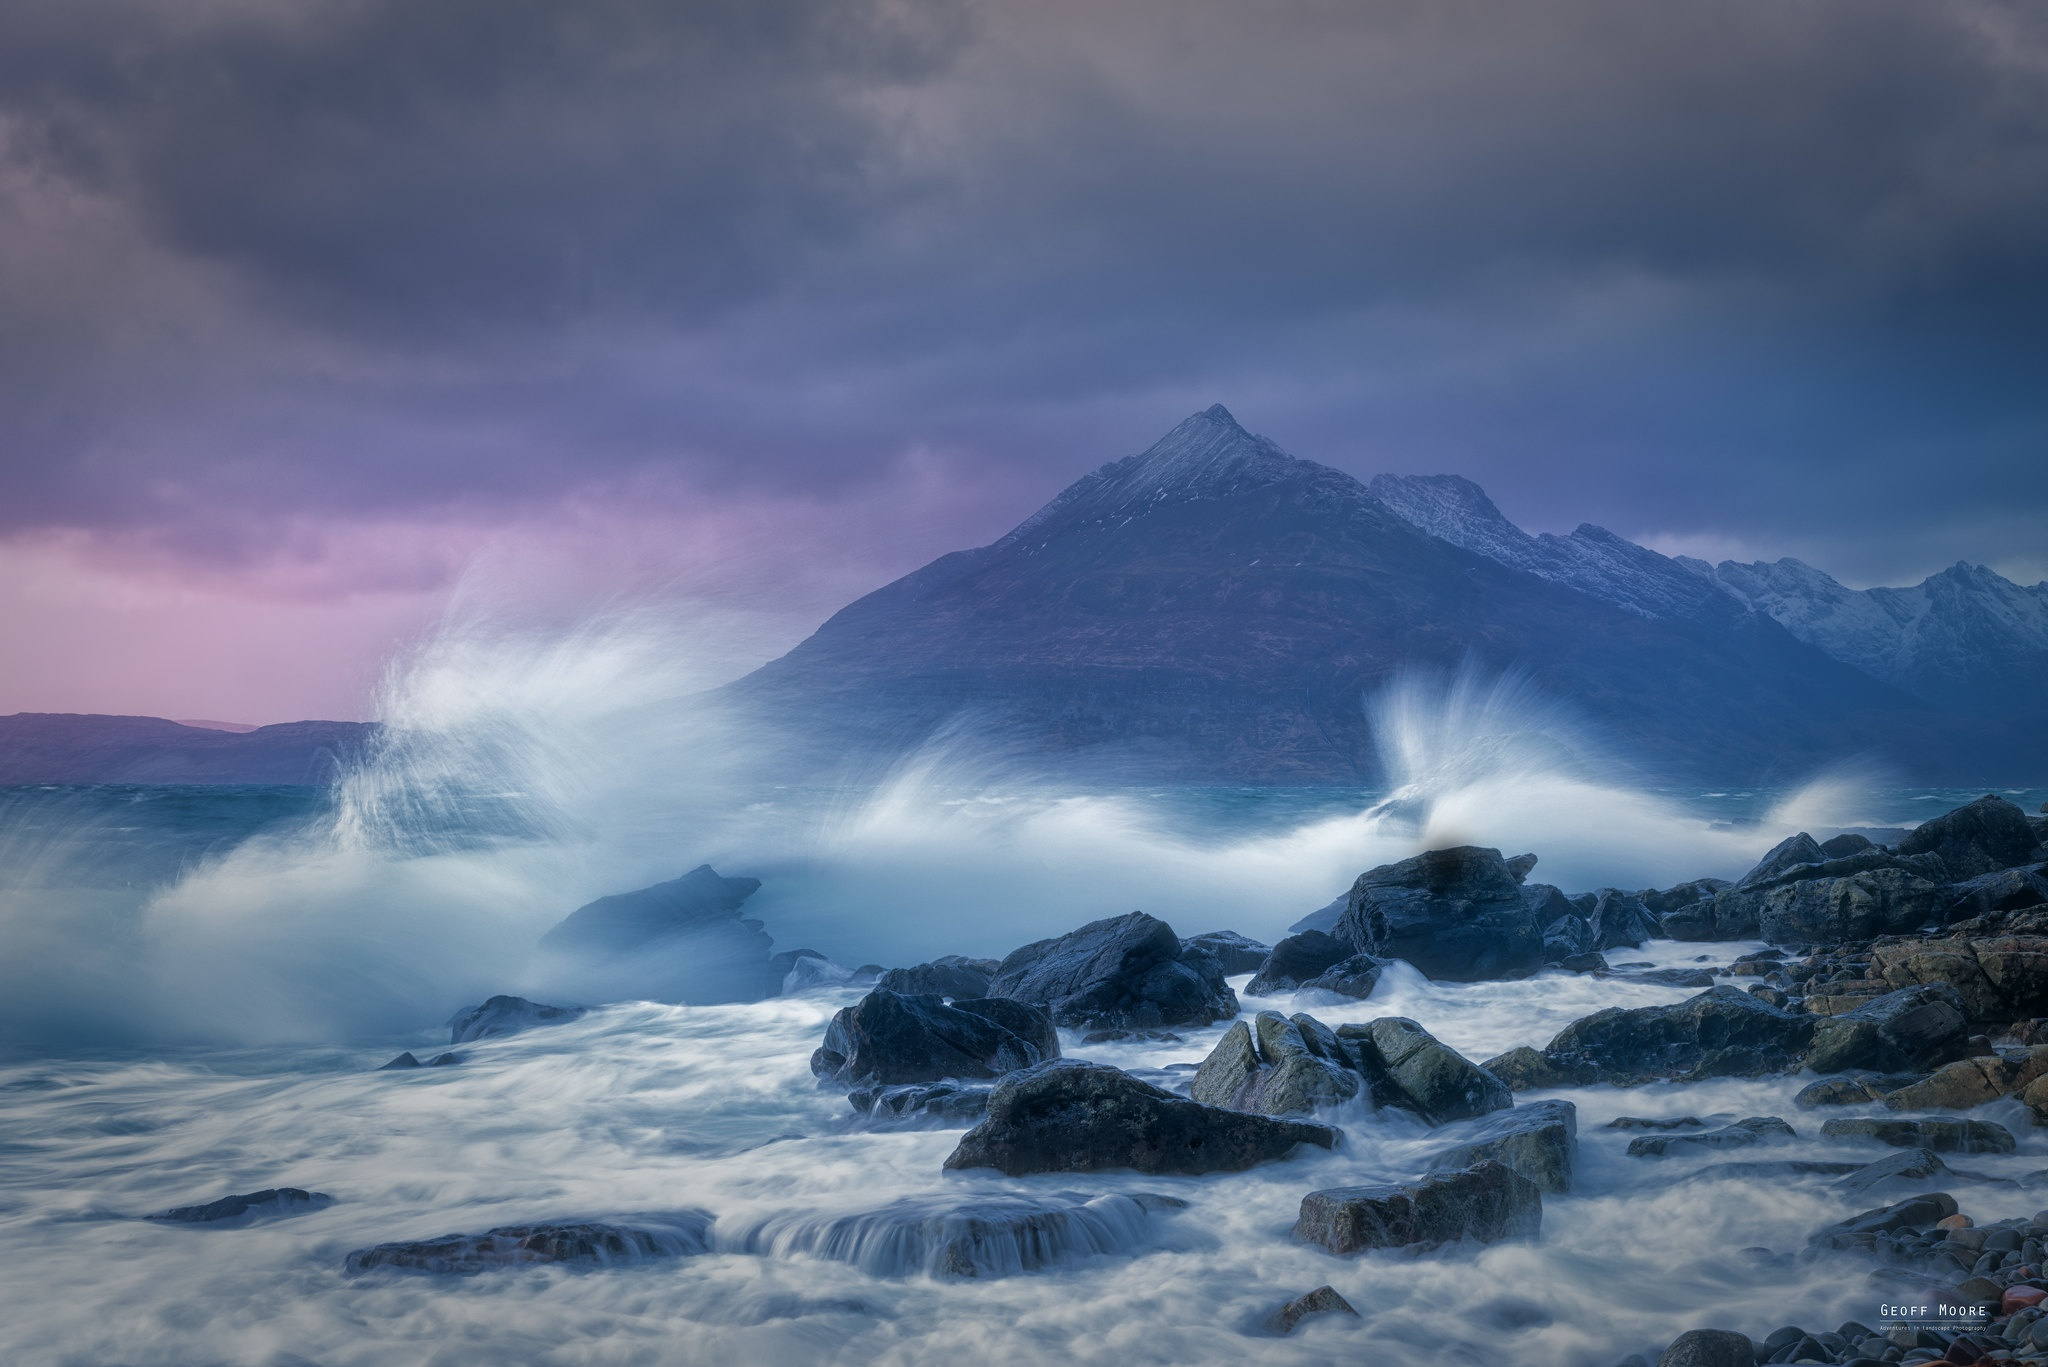 Mountain Scotland Stone 2048x1367